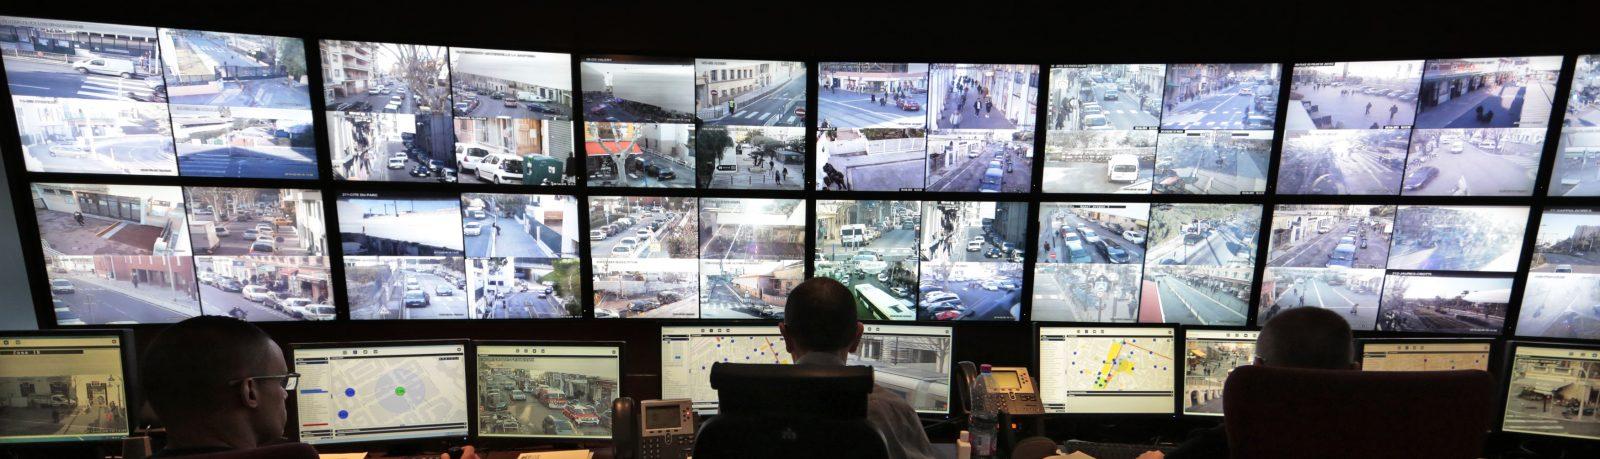 CCTVRoom